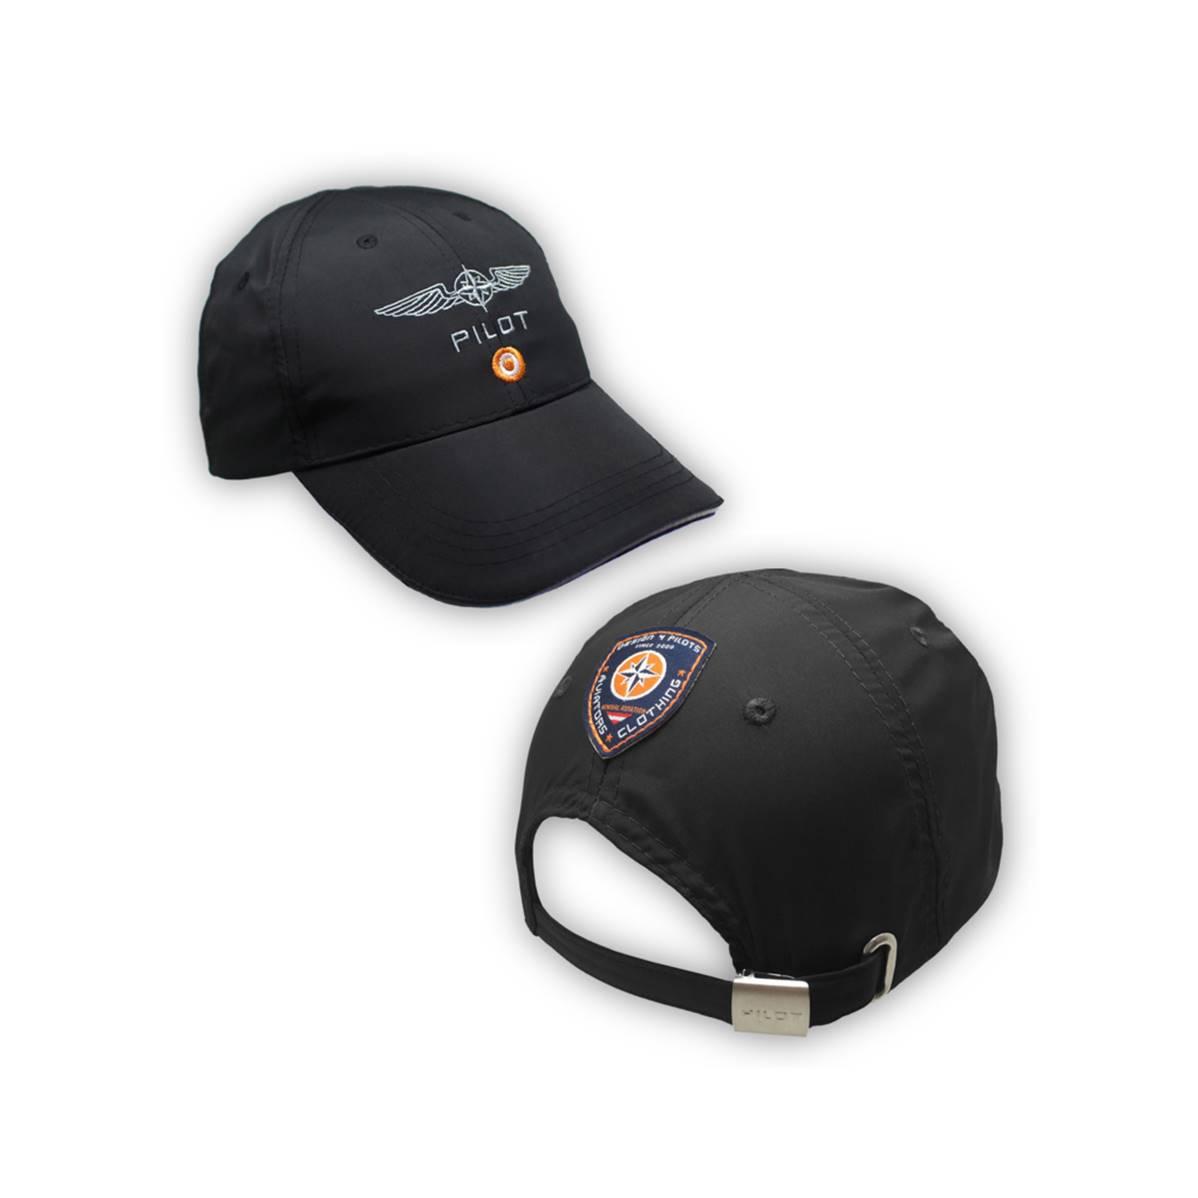 les ventes chaudes d8c5f 01fd2 Casquette Design 4 Pilots